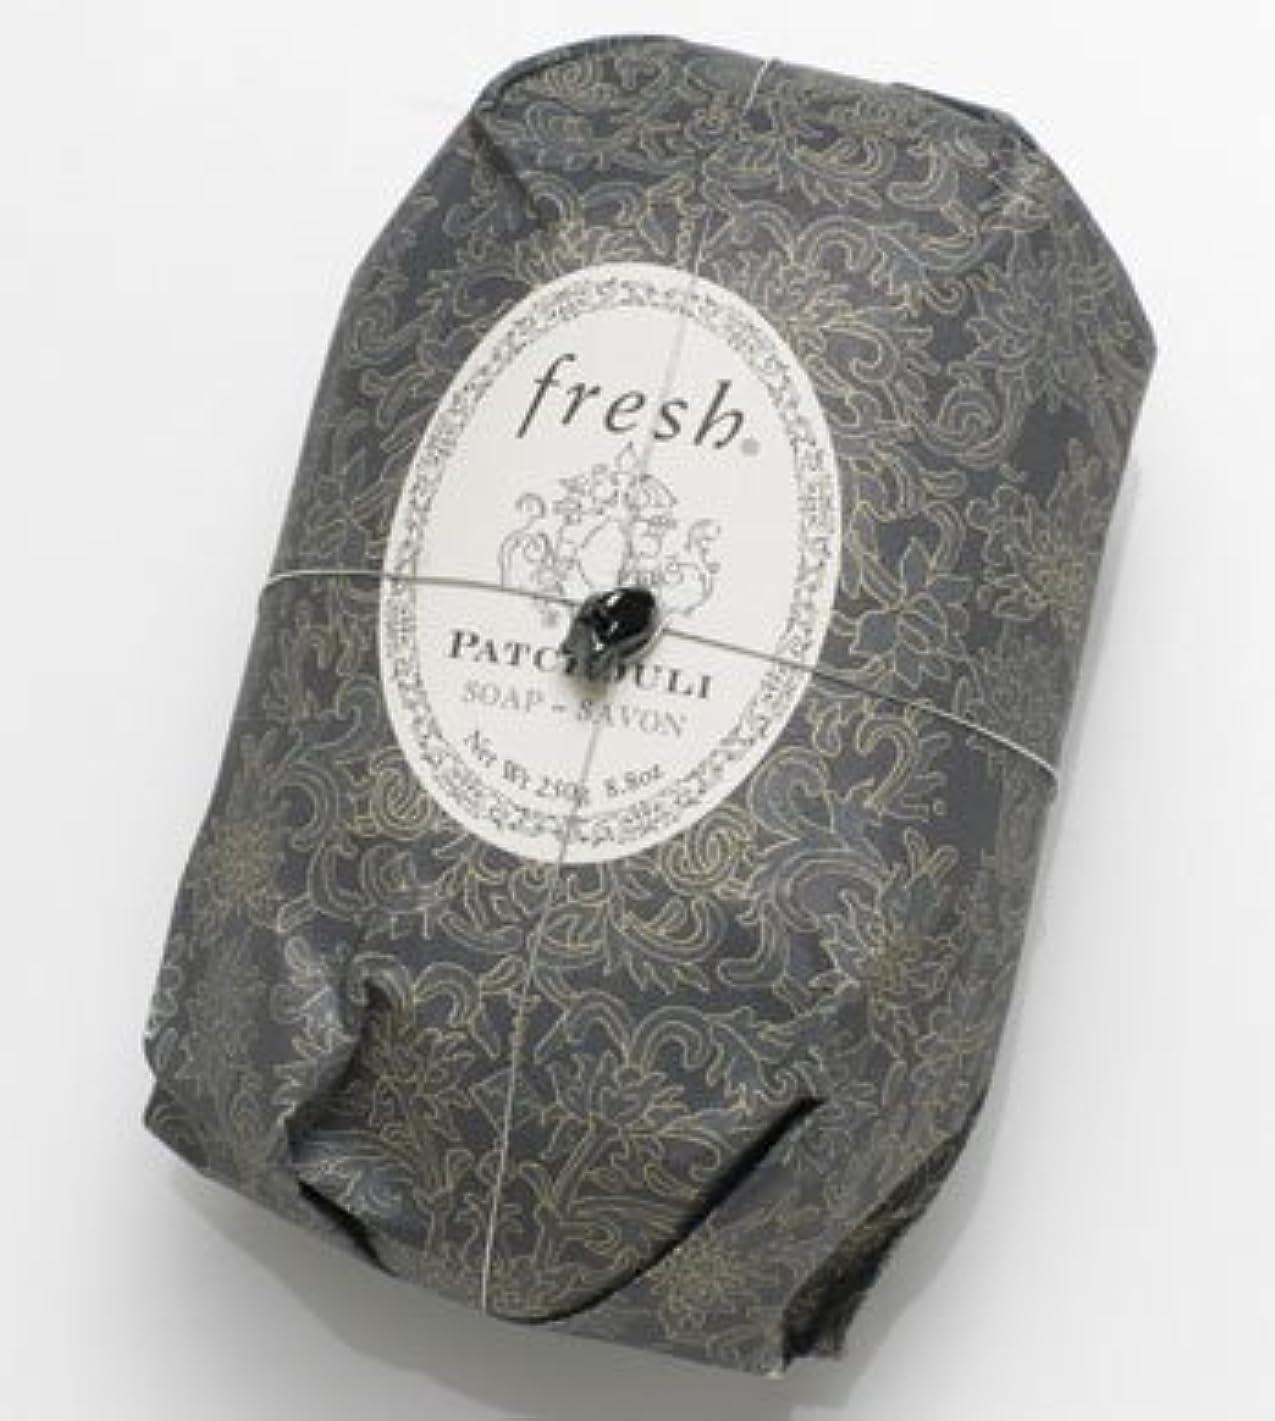 いくつかの重大適応するFresh PATCHOULI SOAP (フレッシュ パチョリ ソープ) 8.8 oz (250g) Soap (石鹸) by Fresh